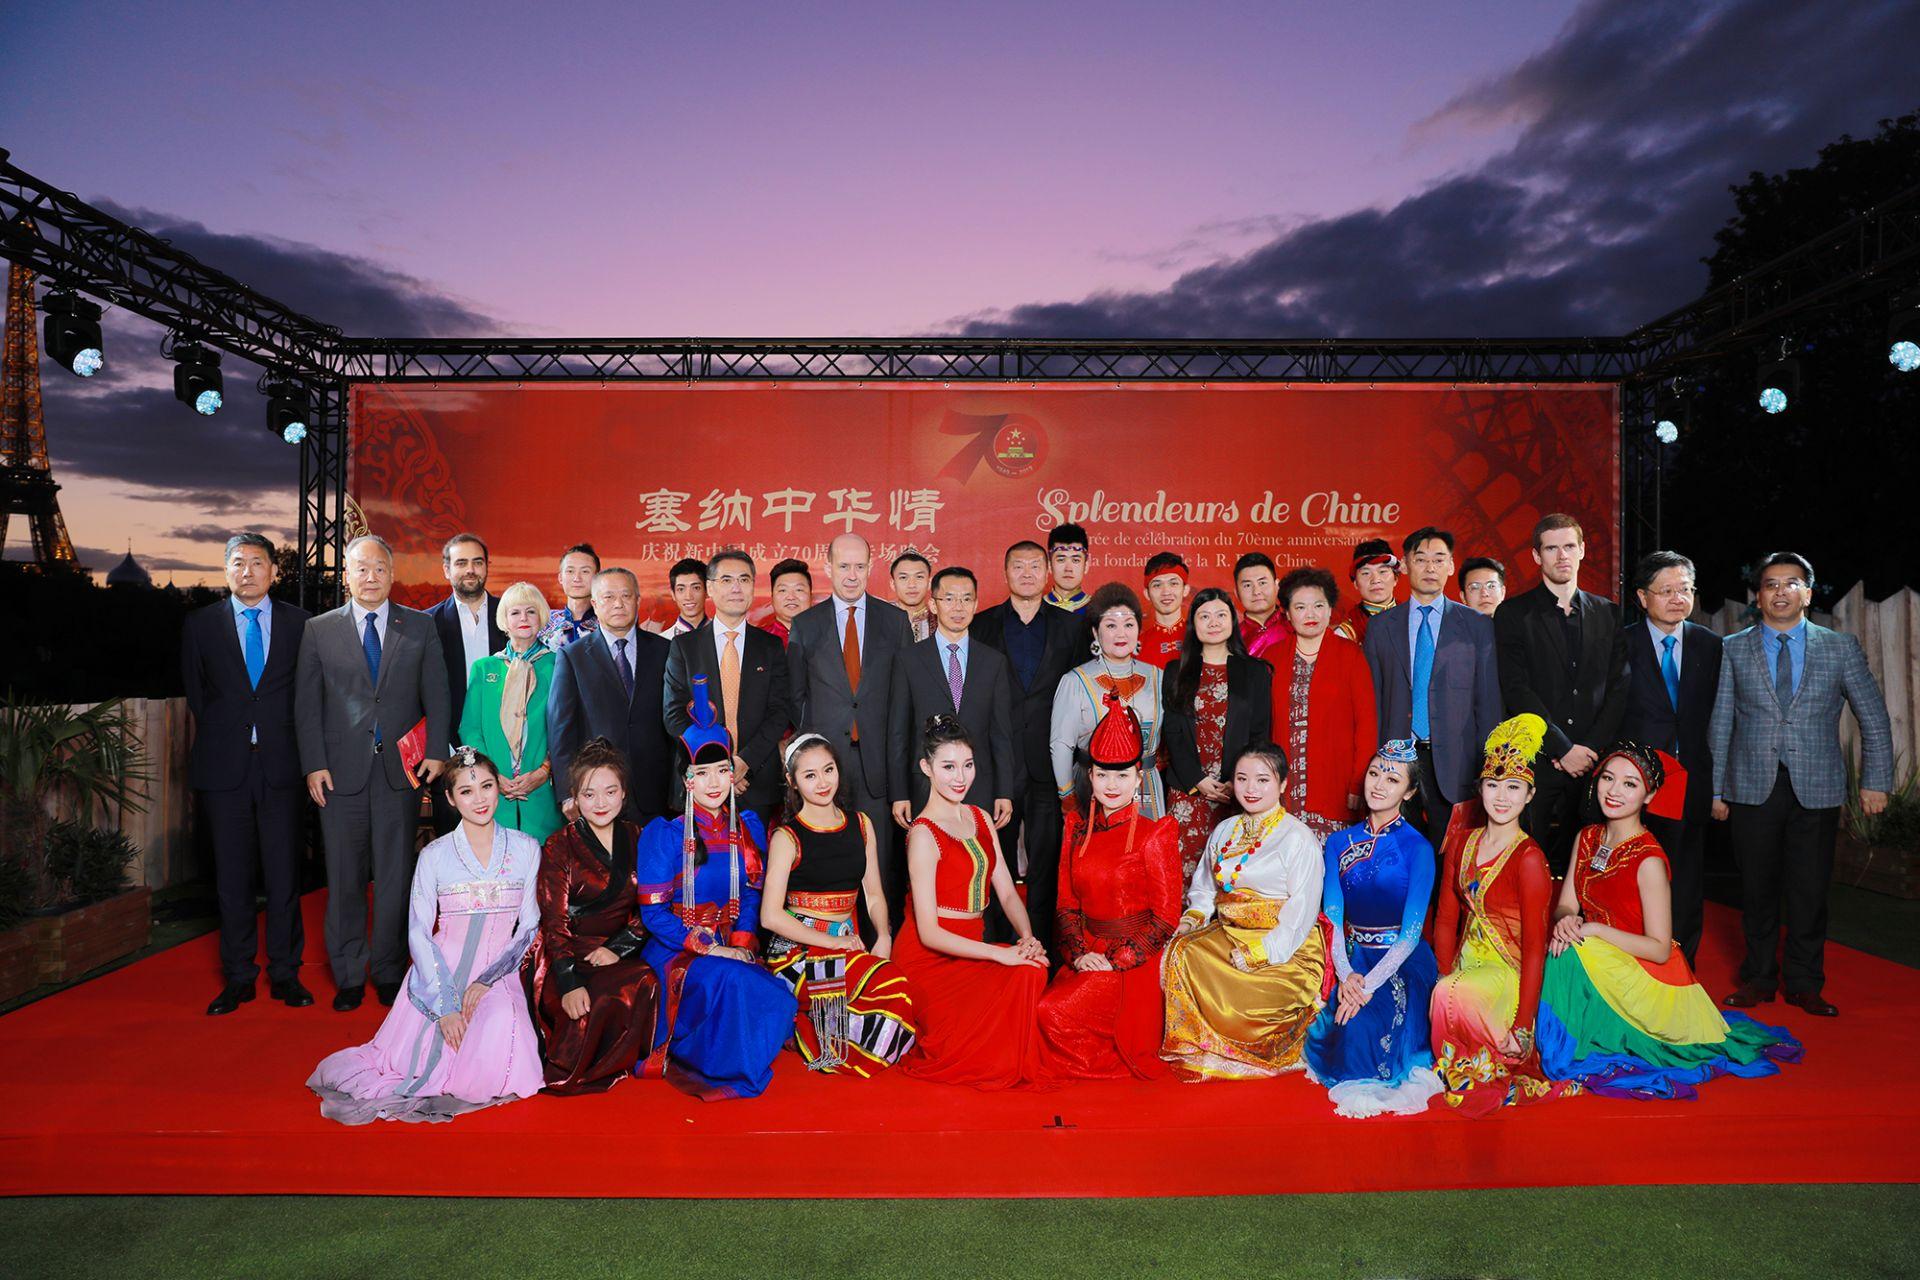 当晚主要嘉宾同中央民族大学民族艺术团演员合影留念(摄影:周义)